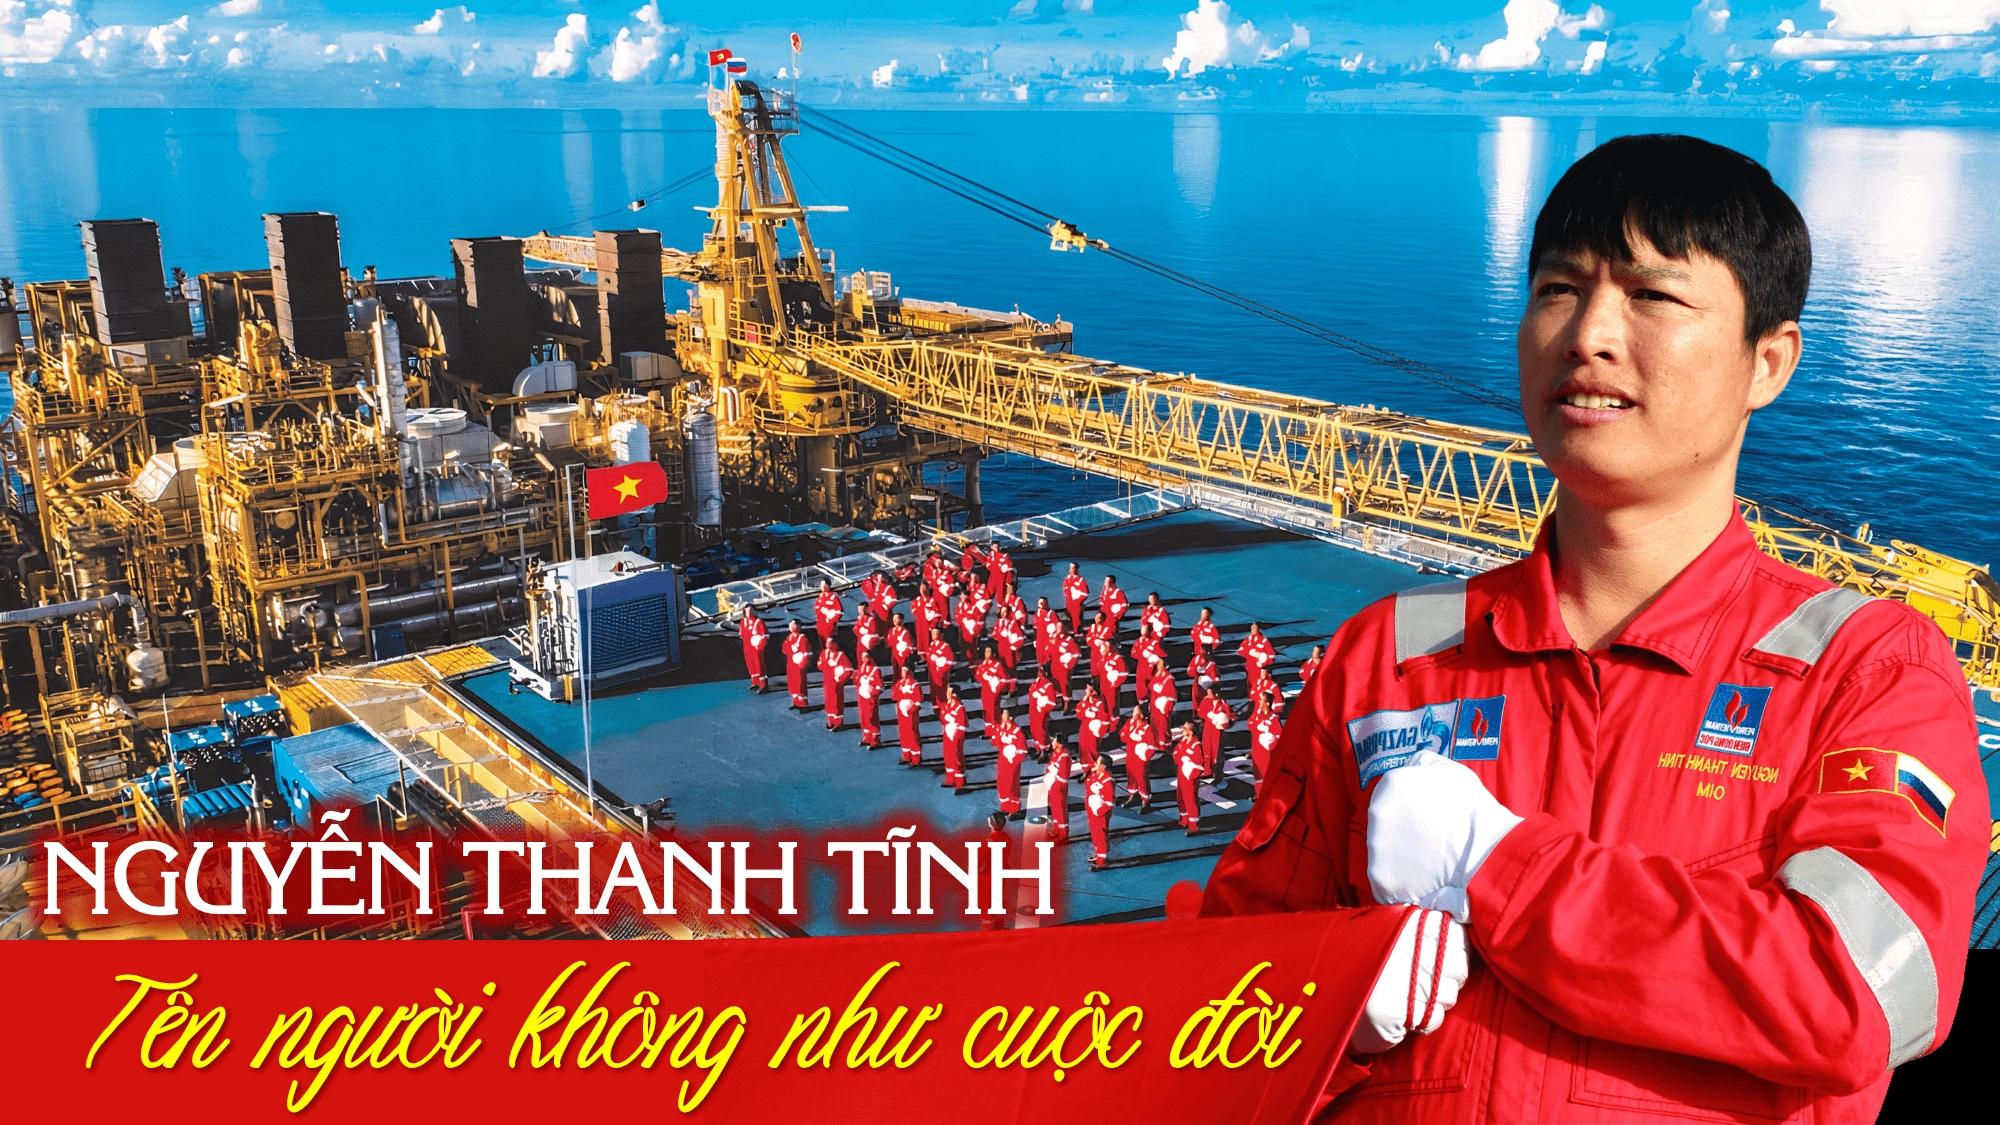 [E-Magazine] Nguyễn Thanh Tĩnh - Tên người không như cuộc đời